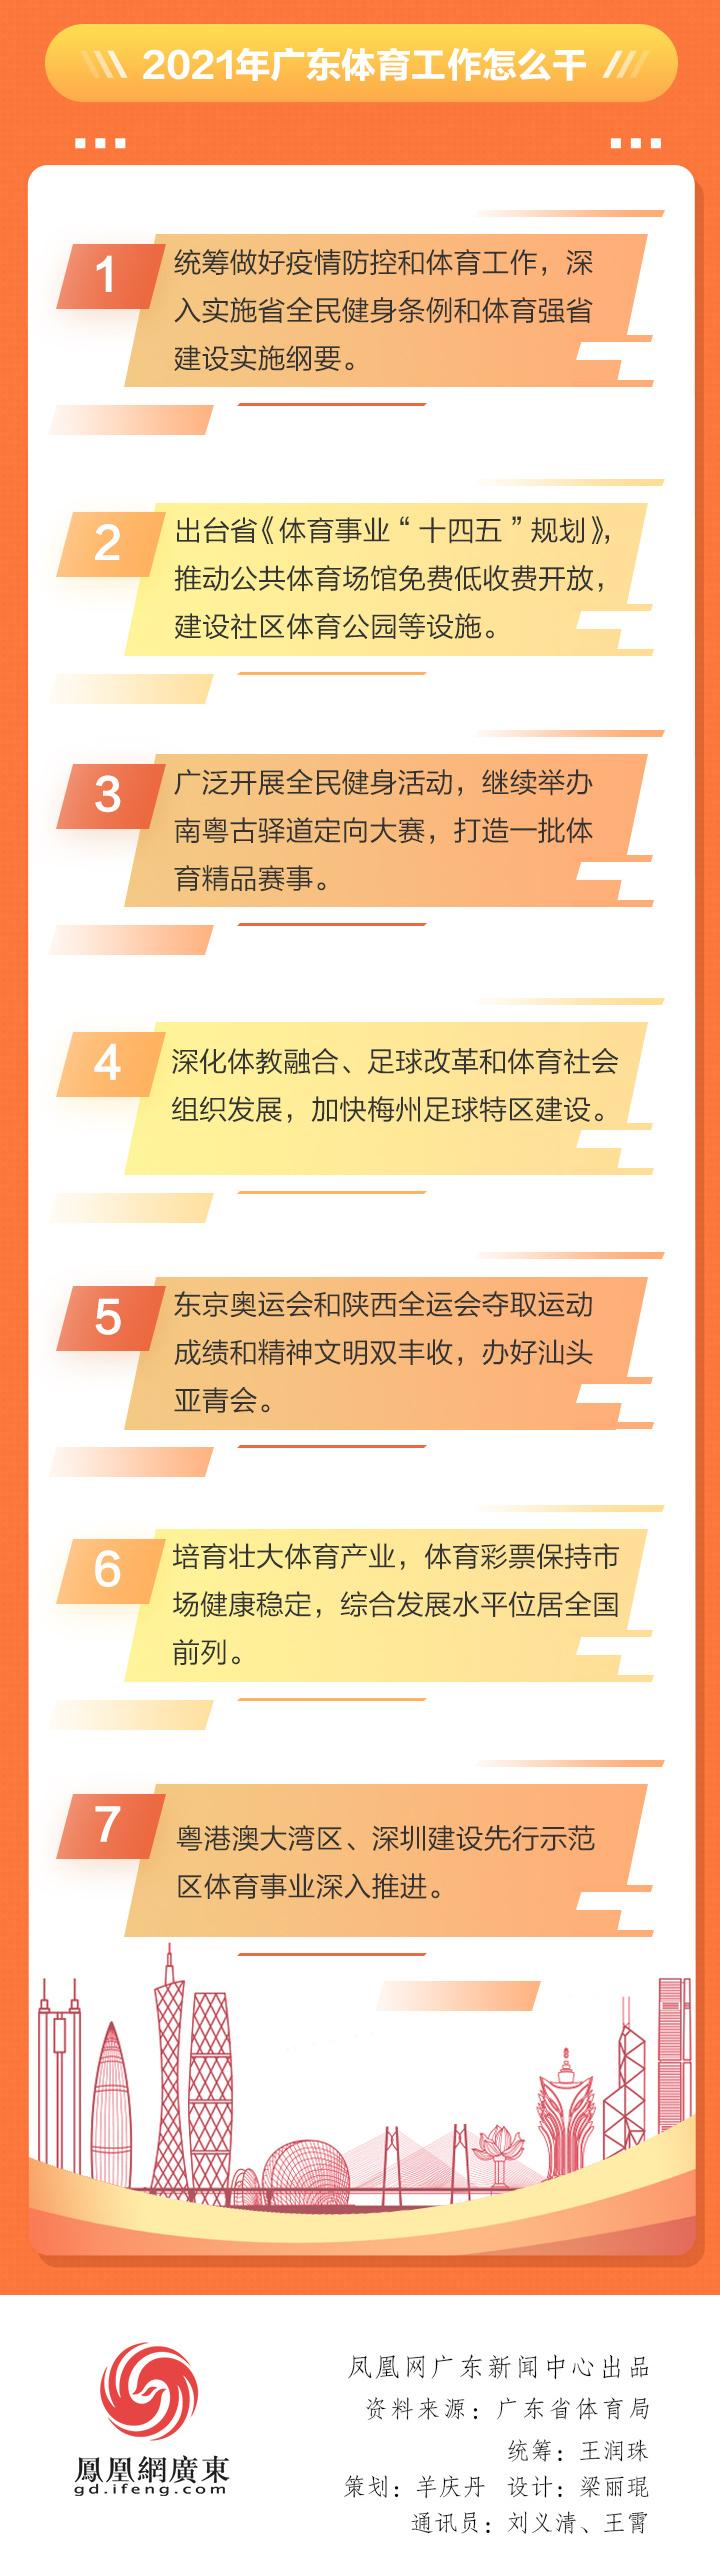 2020广东体育干了啥?2021有何大计?凤凰带你一图读懂体育工作亮点